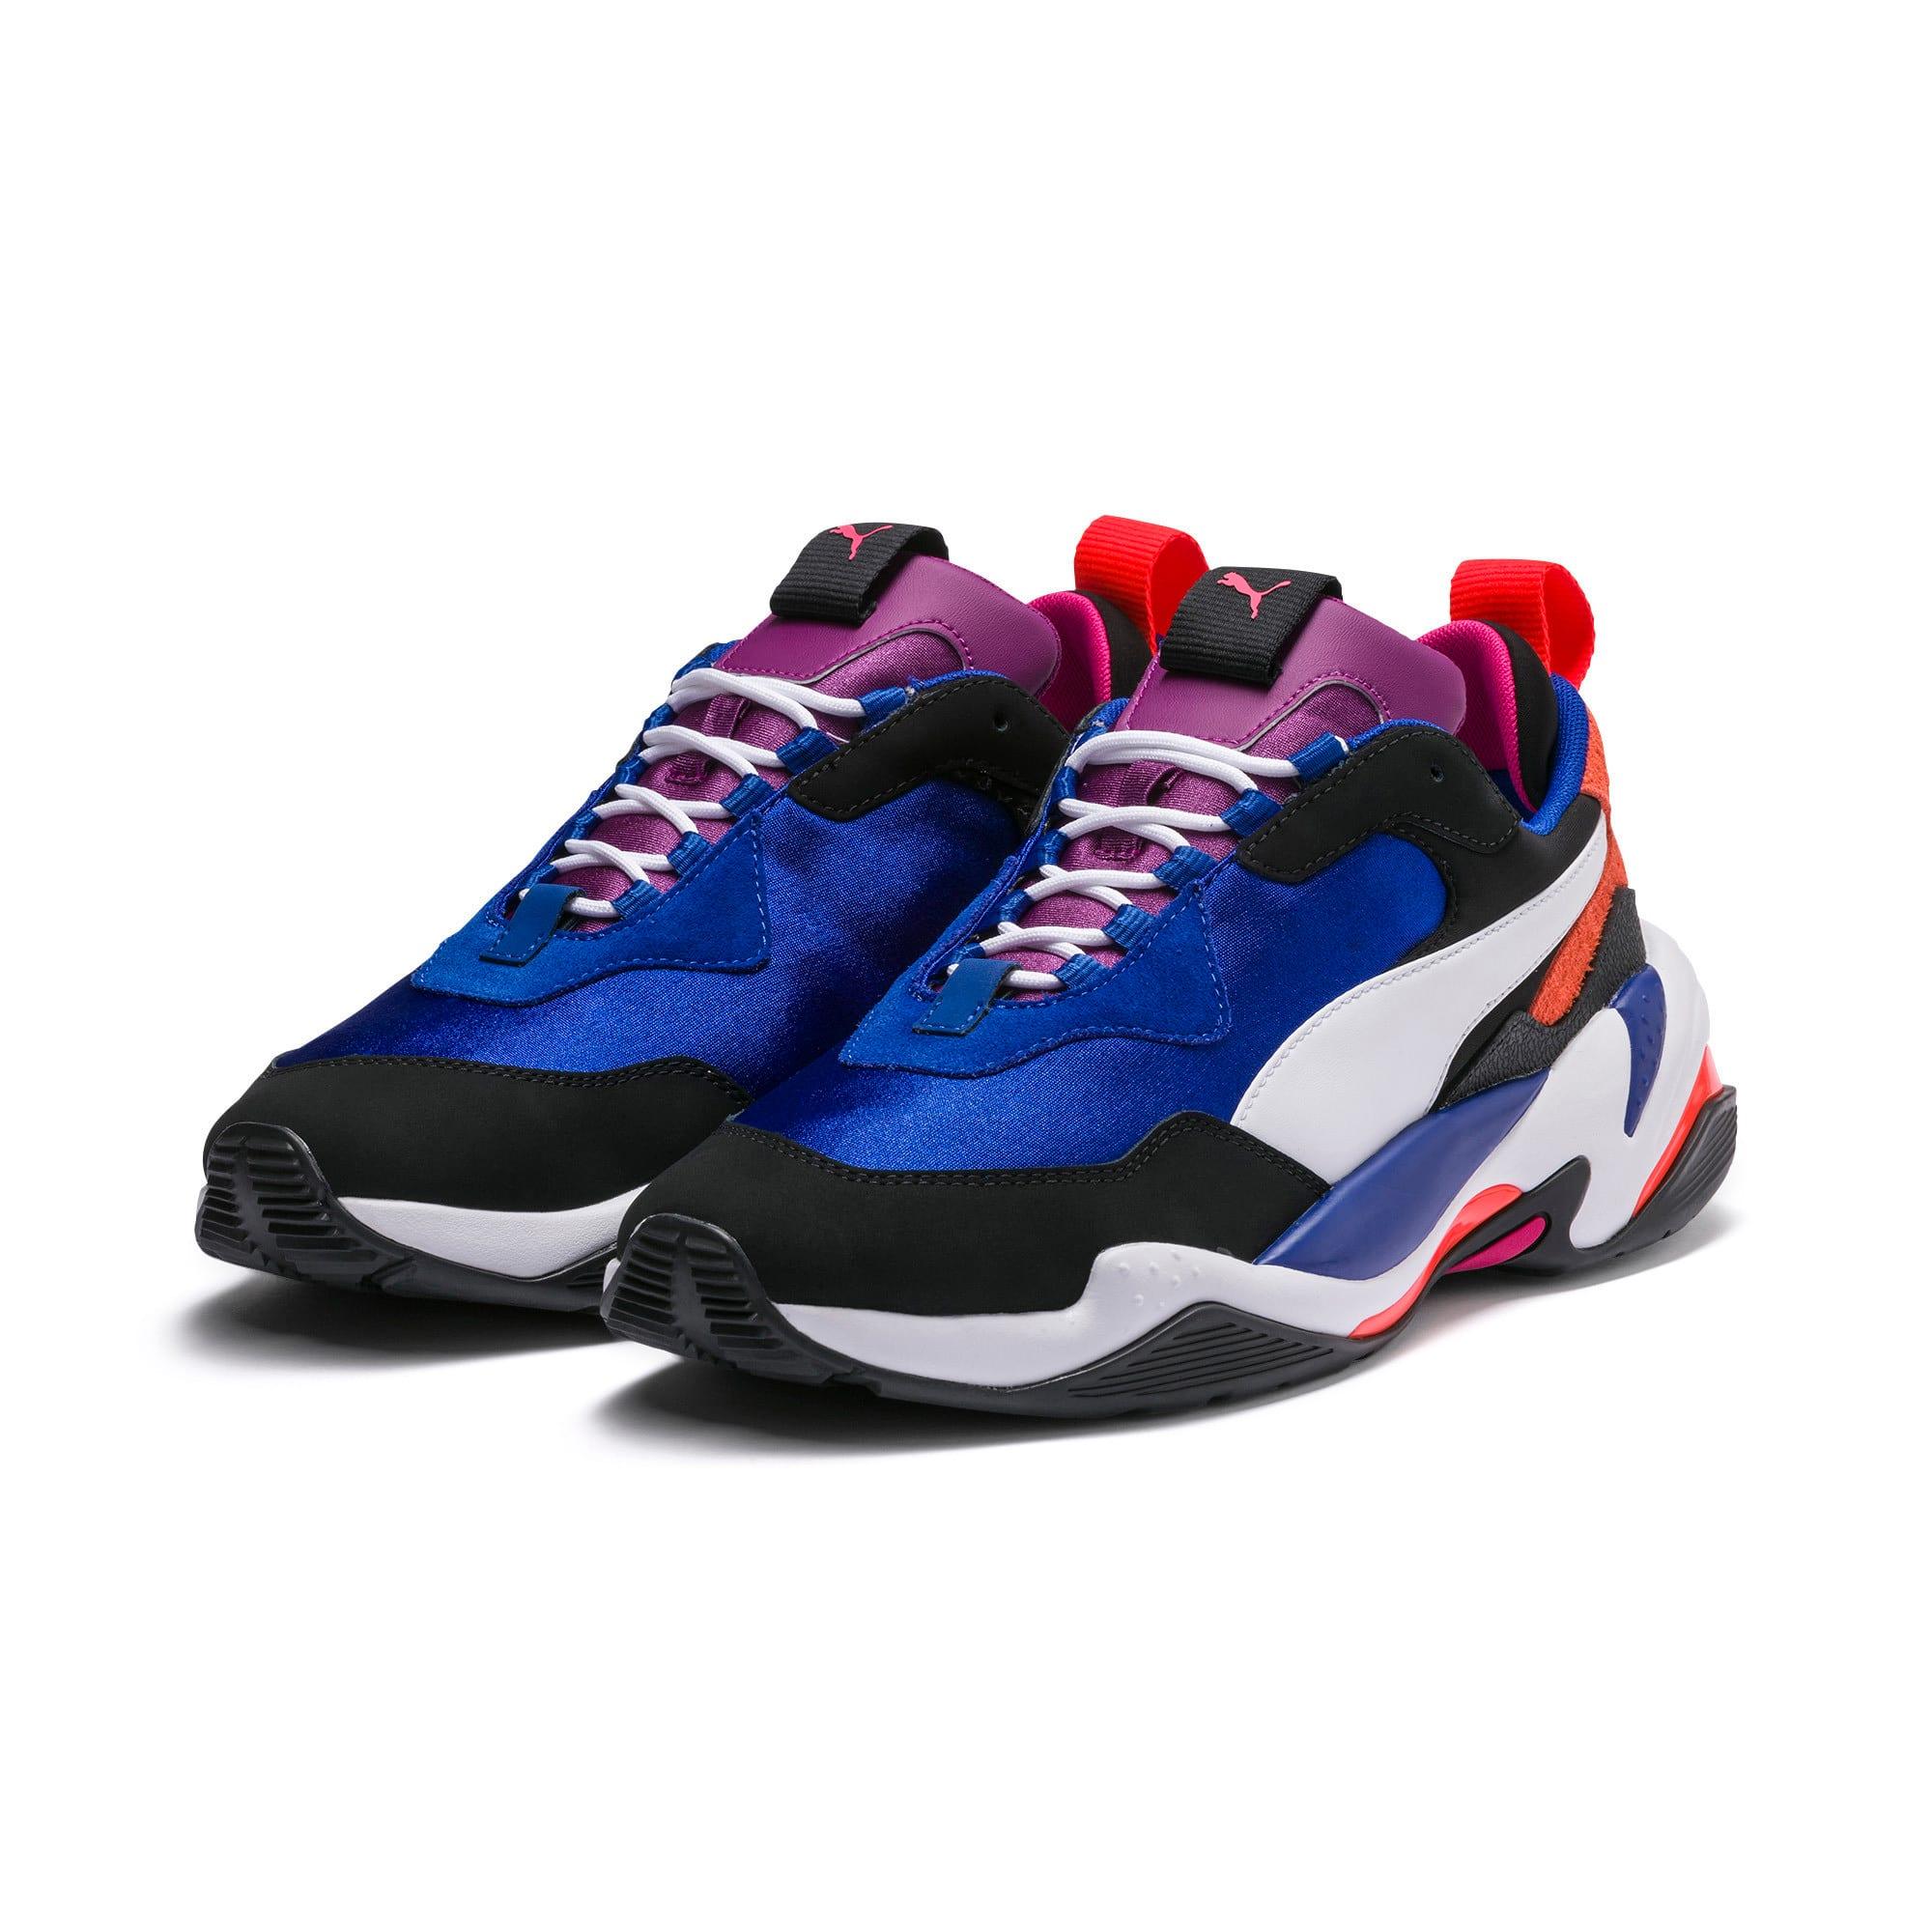 Miniatura 3 de Zapatos deportivos Thunder 4 Life, Surf The Web-Puma White, mediano